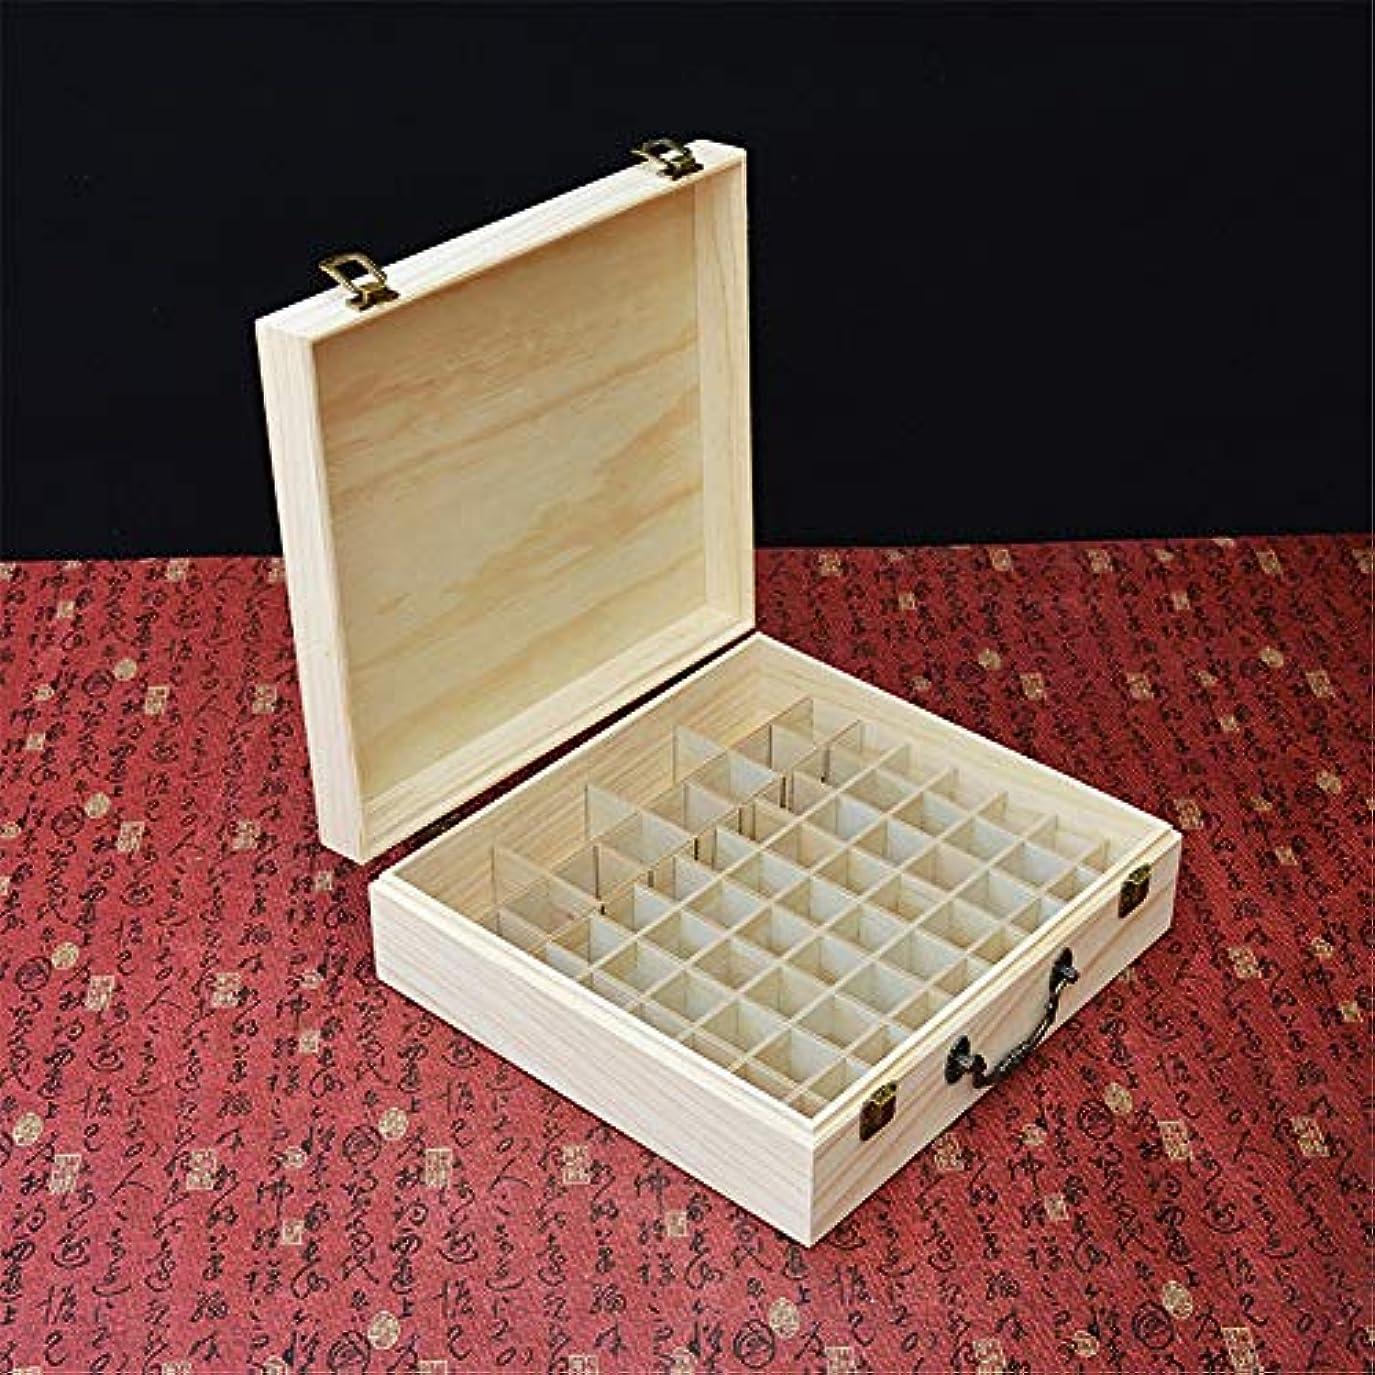 等しい置くためにパック確保するエッセンシャルオイルの保管 旅行やプレゼンテーションのために66スロット木製エッセンシャルオイルストレージボックスパーフェクト (色 : Natural, サイズ : 31.5X29X10CM)